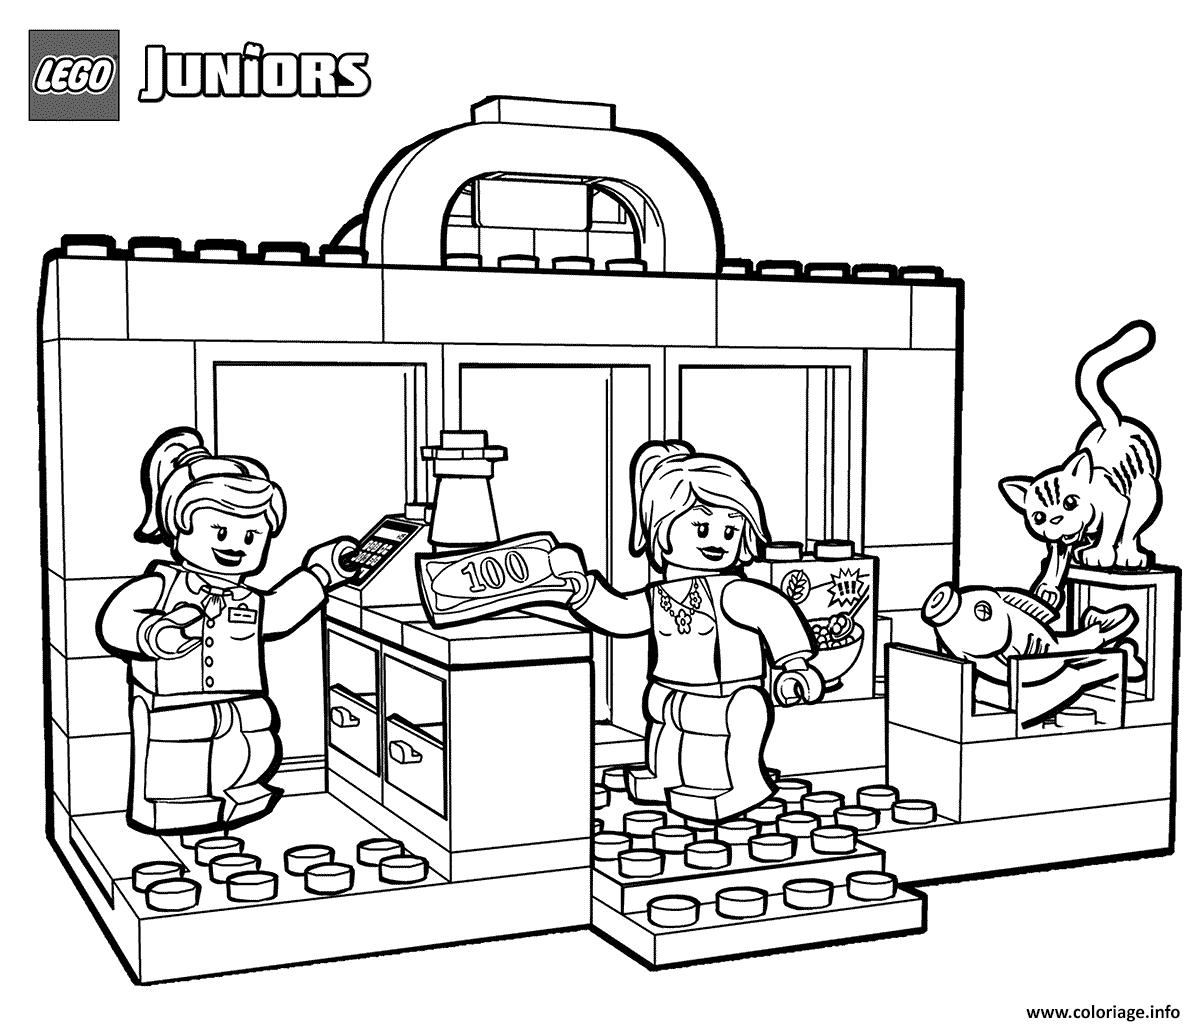 Dessin lego shopping Coloriage Gratuit à Imprimer